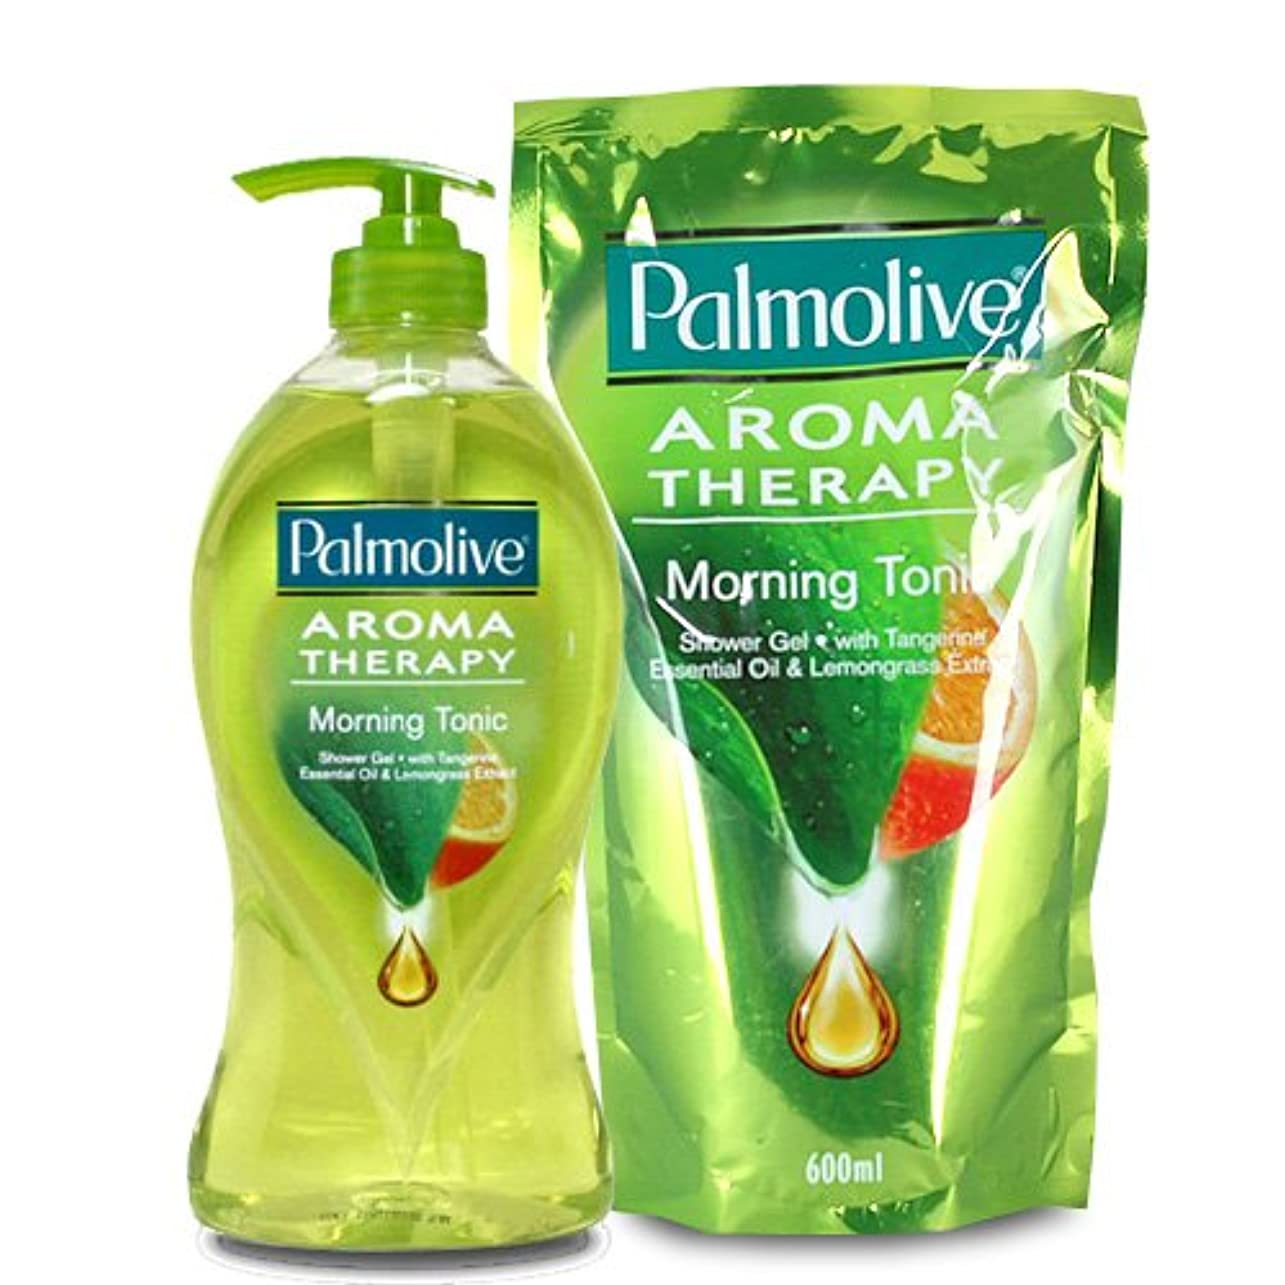 繊細致命的秘書【Palmolive】パルモリーブ アロマセラピーシャワージェル ボトルと詰め替えのセット (モーニングトニック)